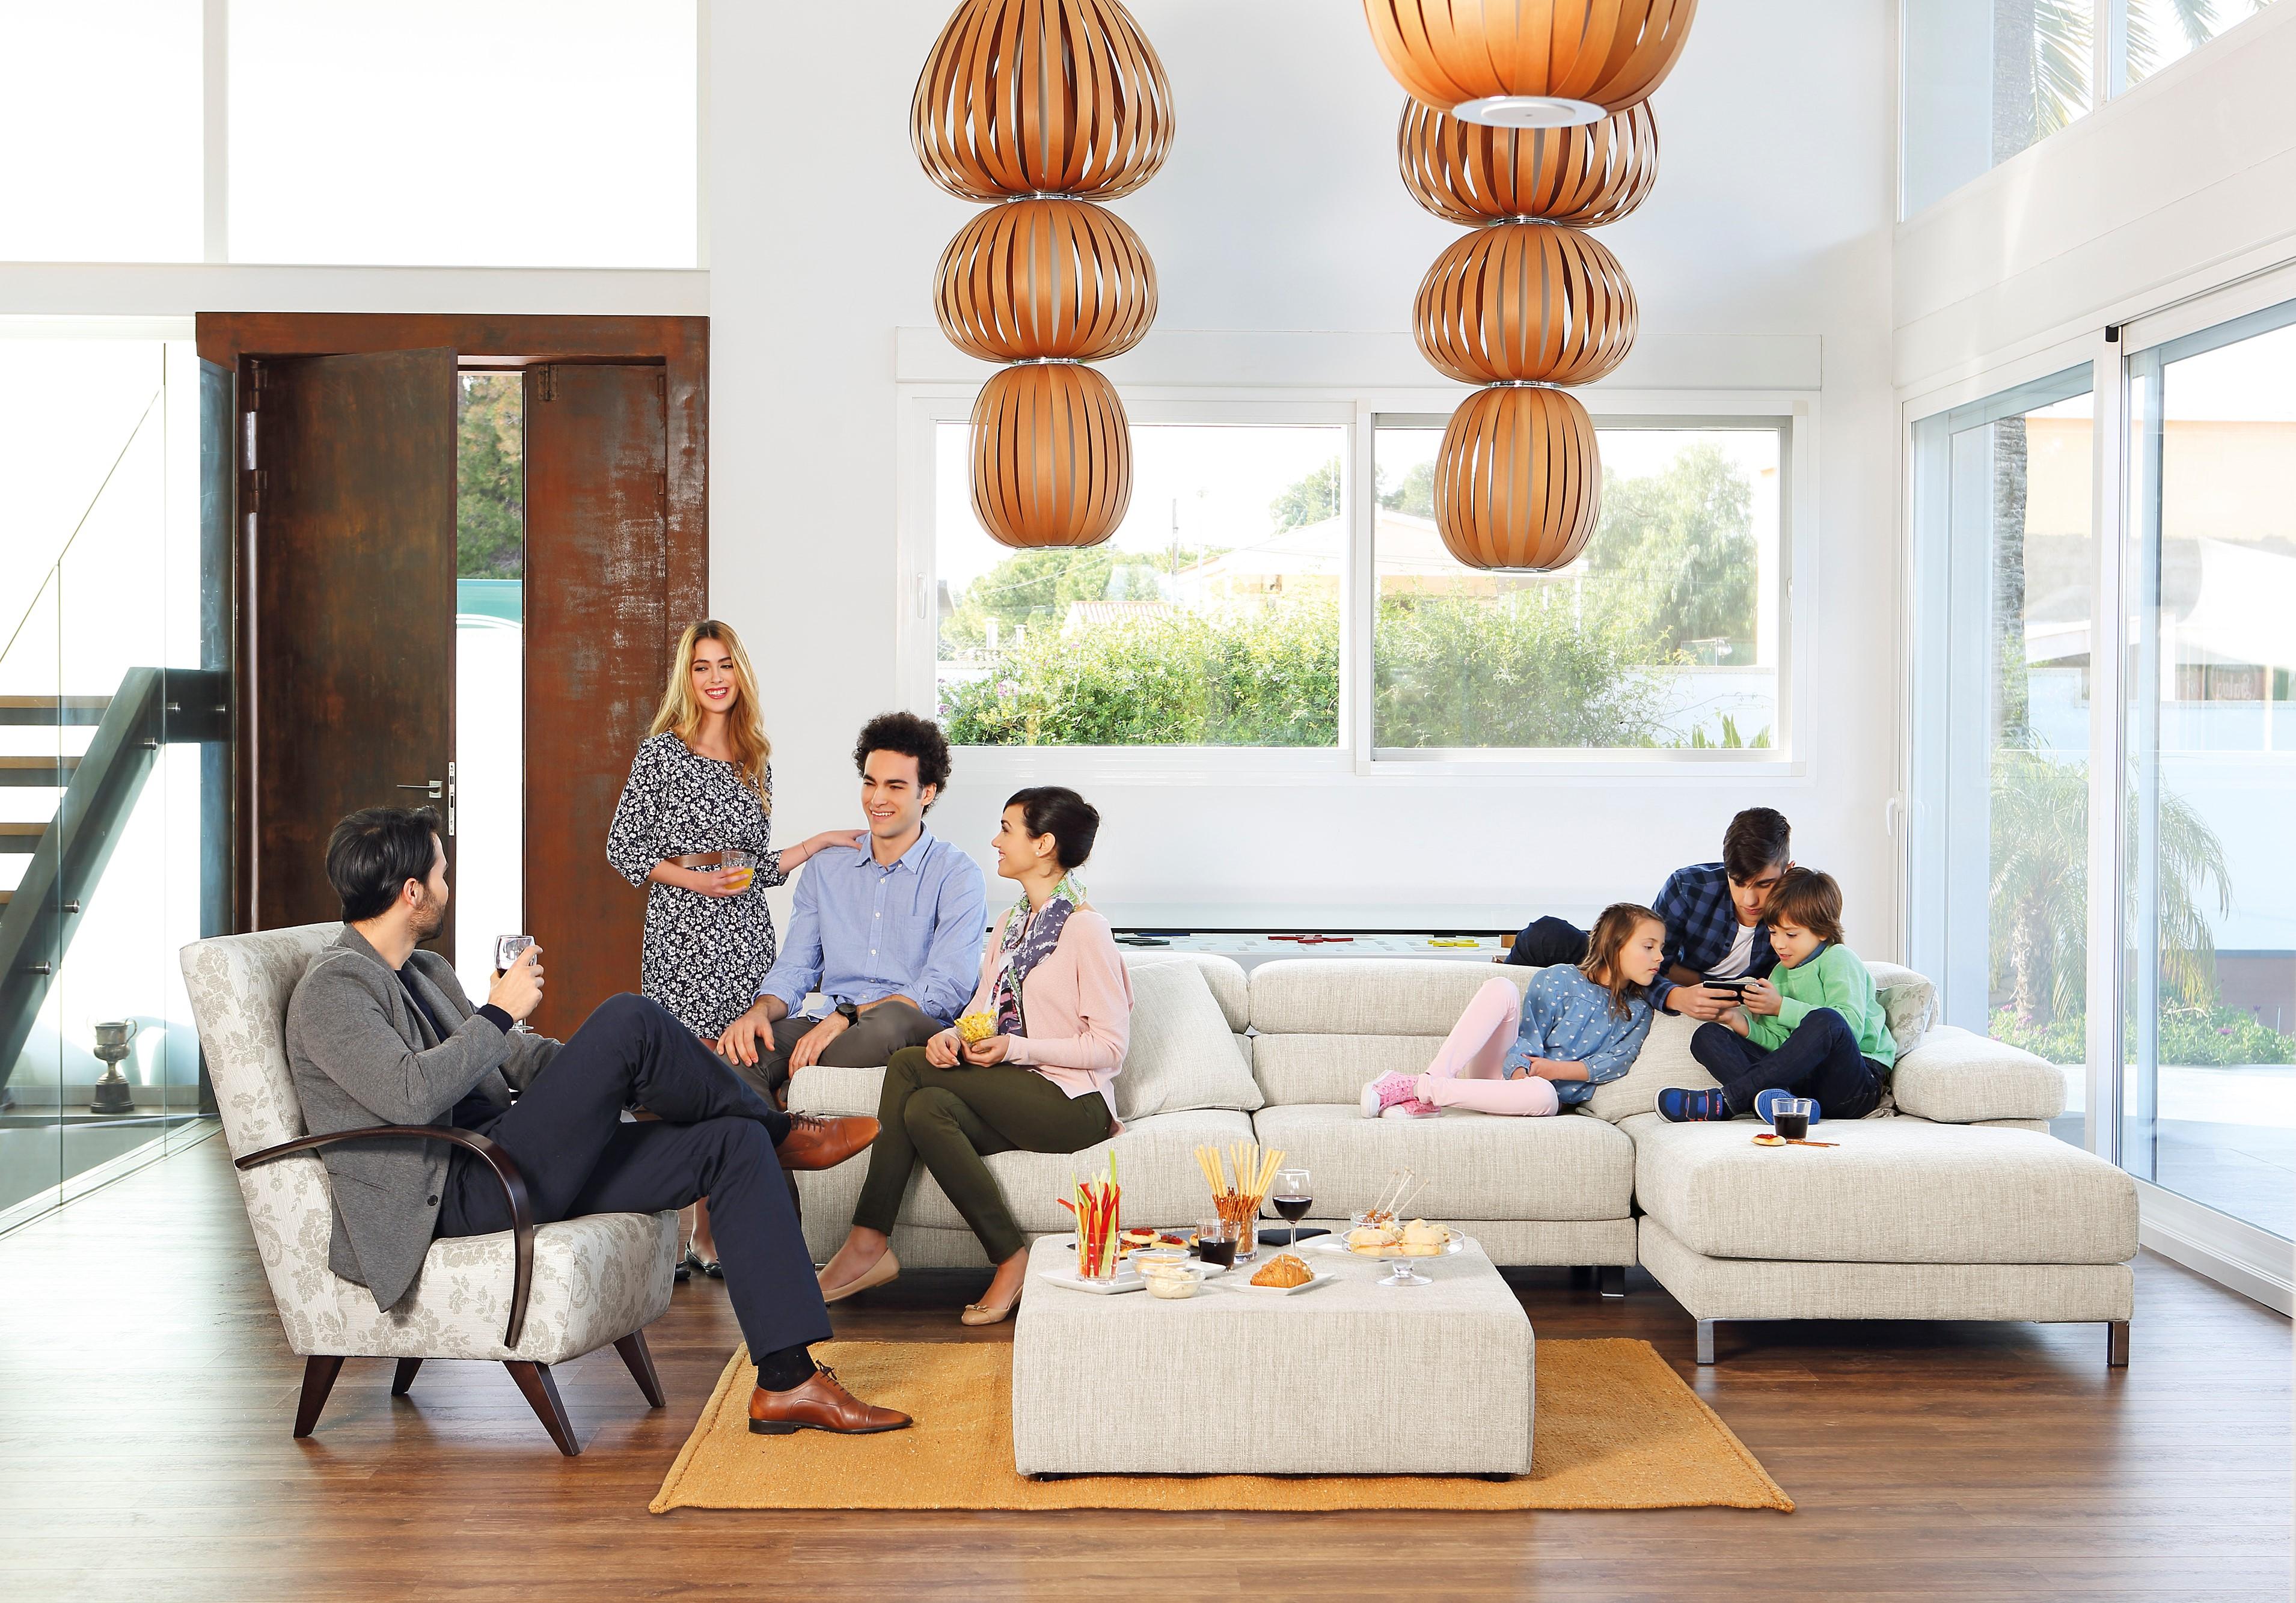 Salon - jadalnia: jak dobrze zaplanować przestrzeń